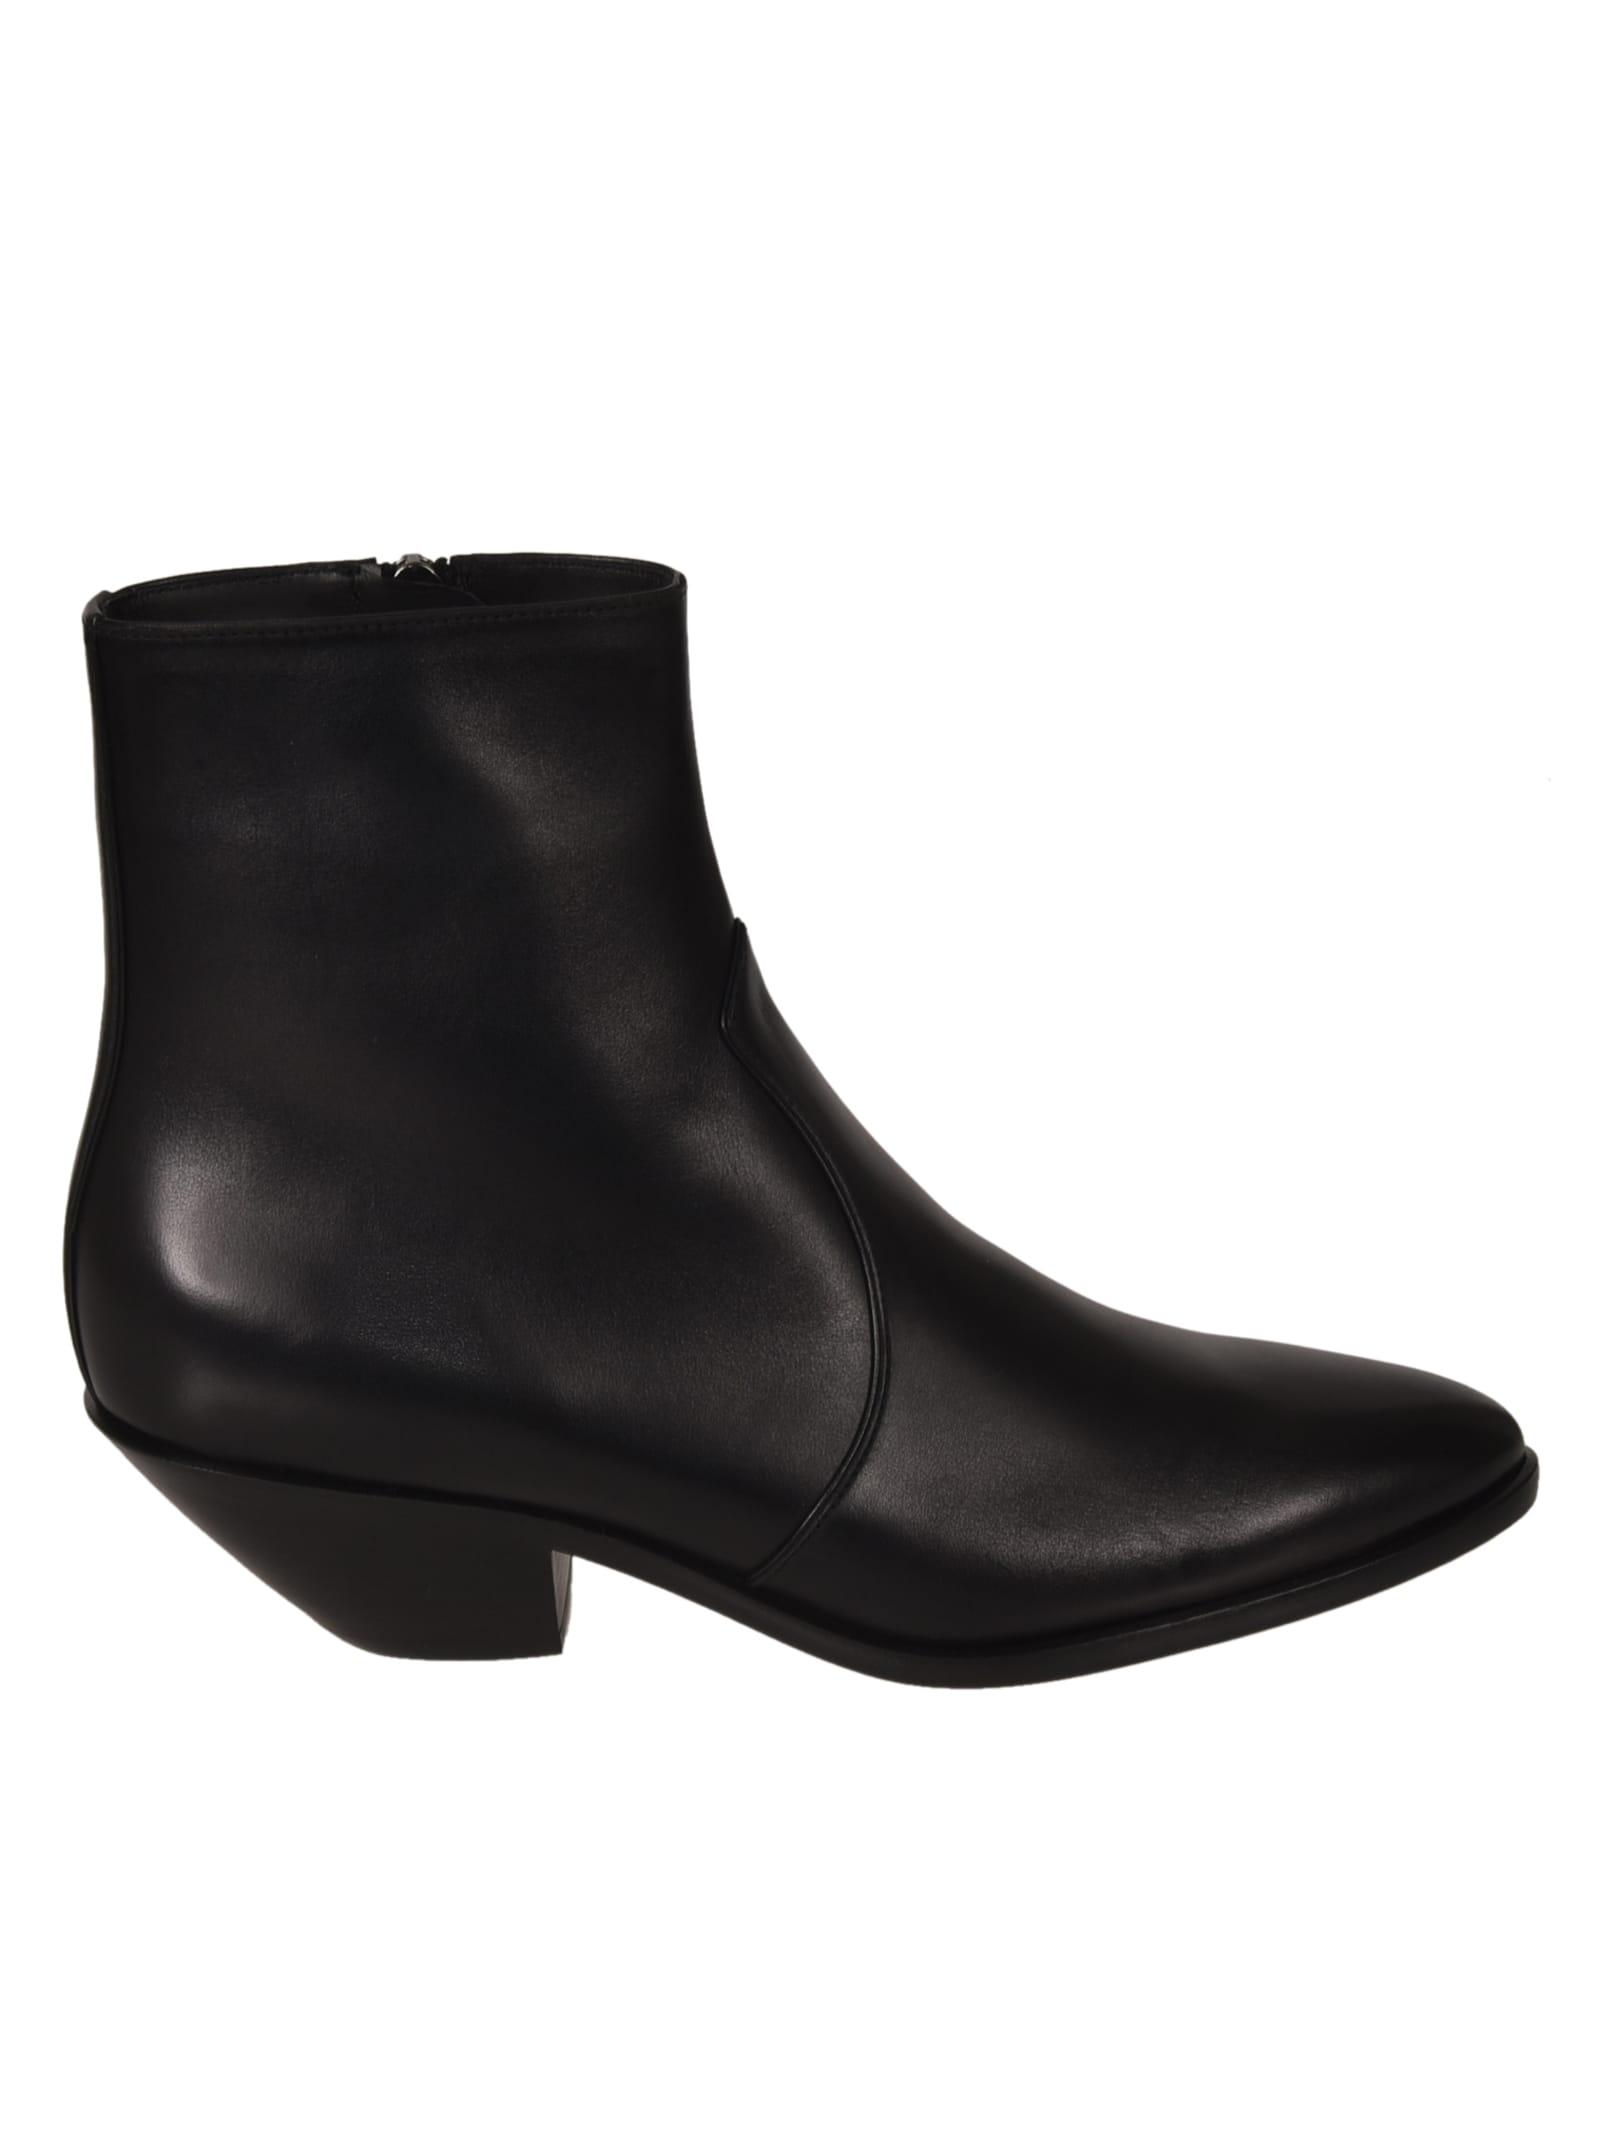 Buy Saint Laurent West 45 Zip Boots online, shop Saint Laurent shoes with free shipping